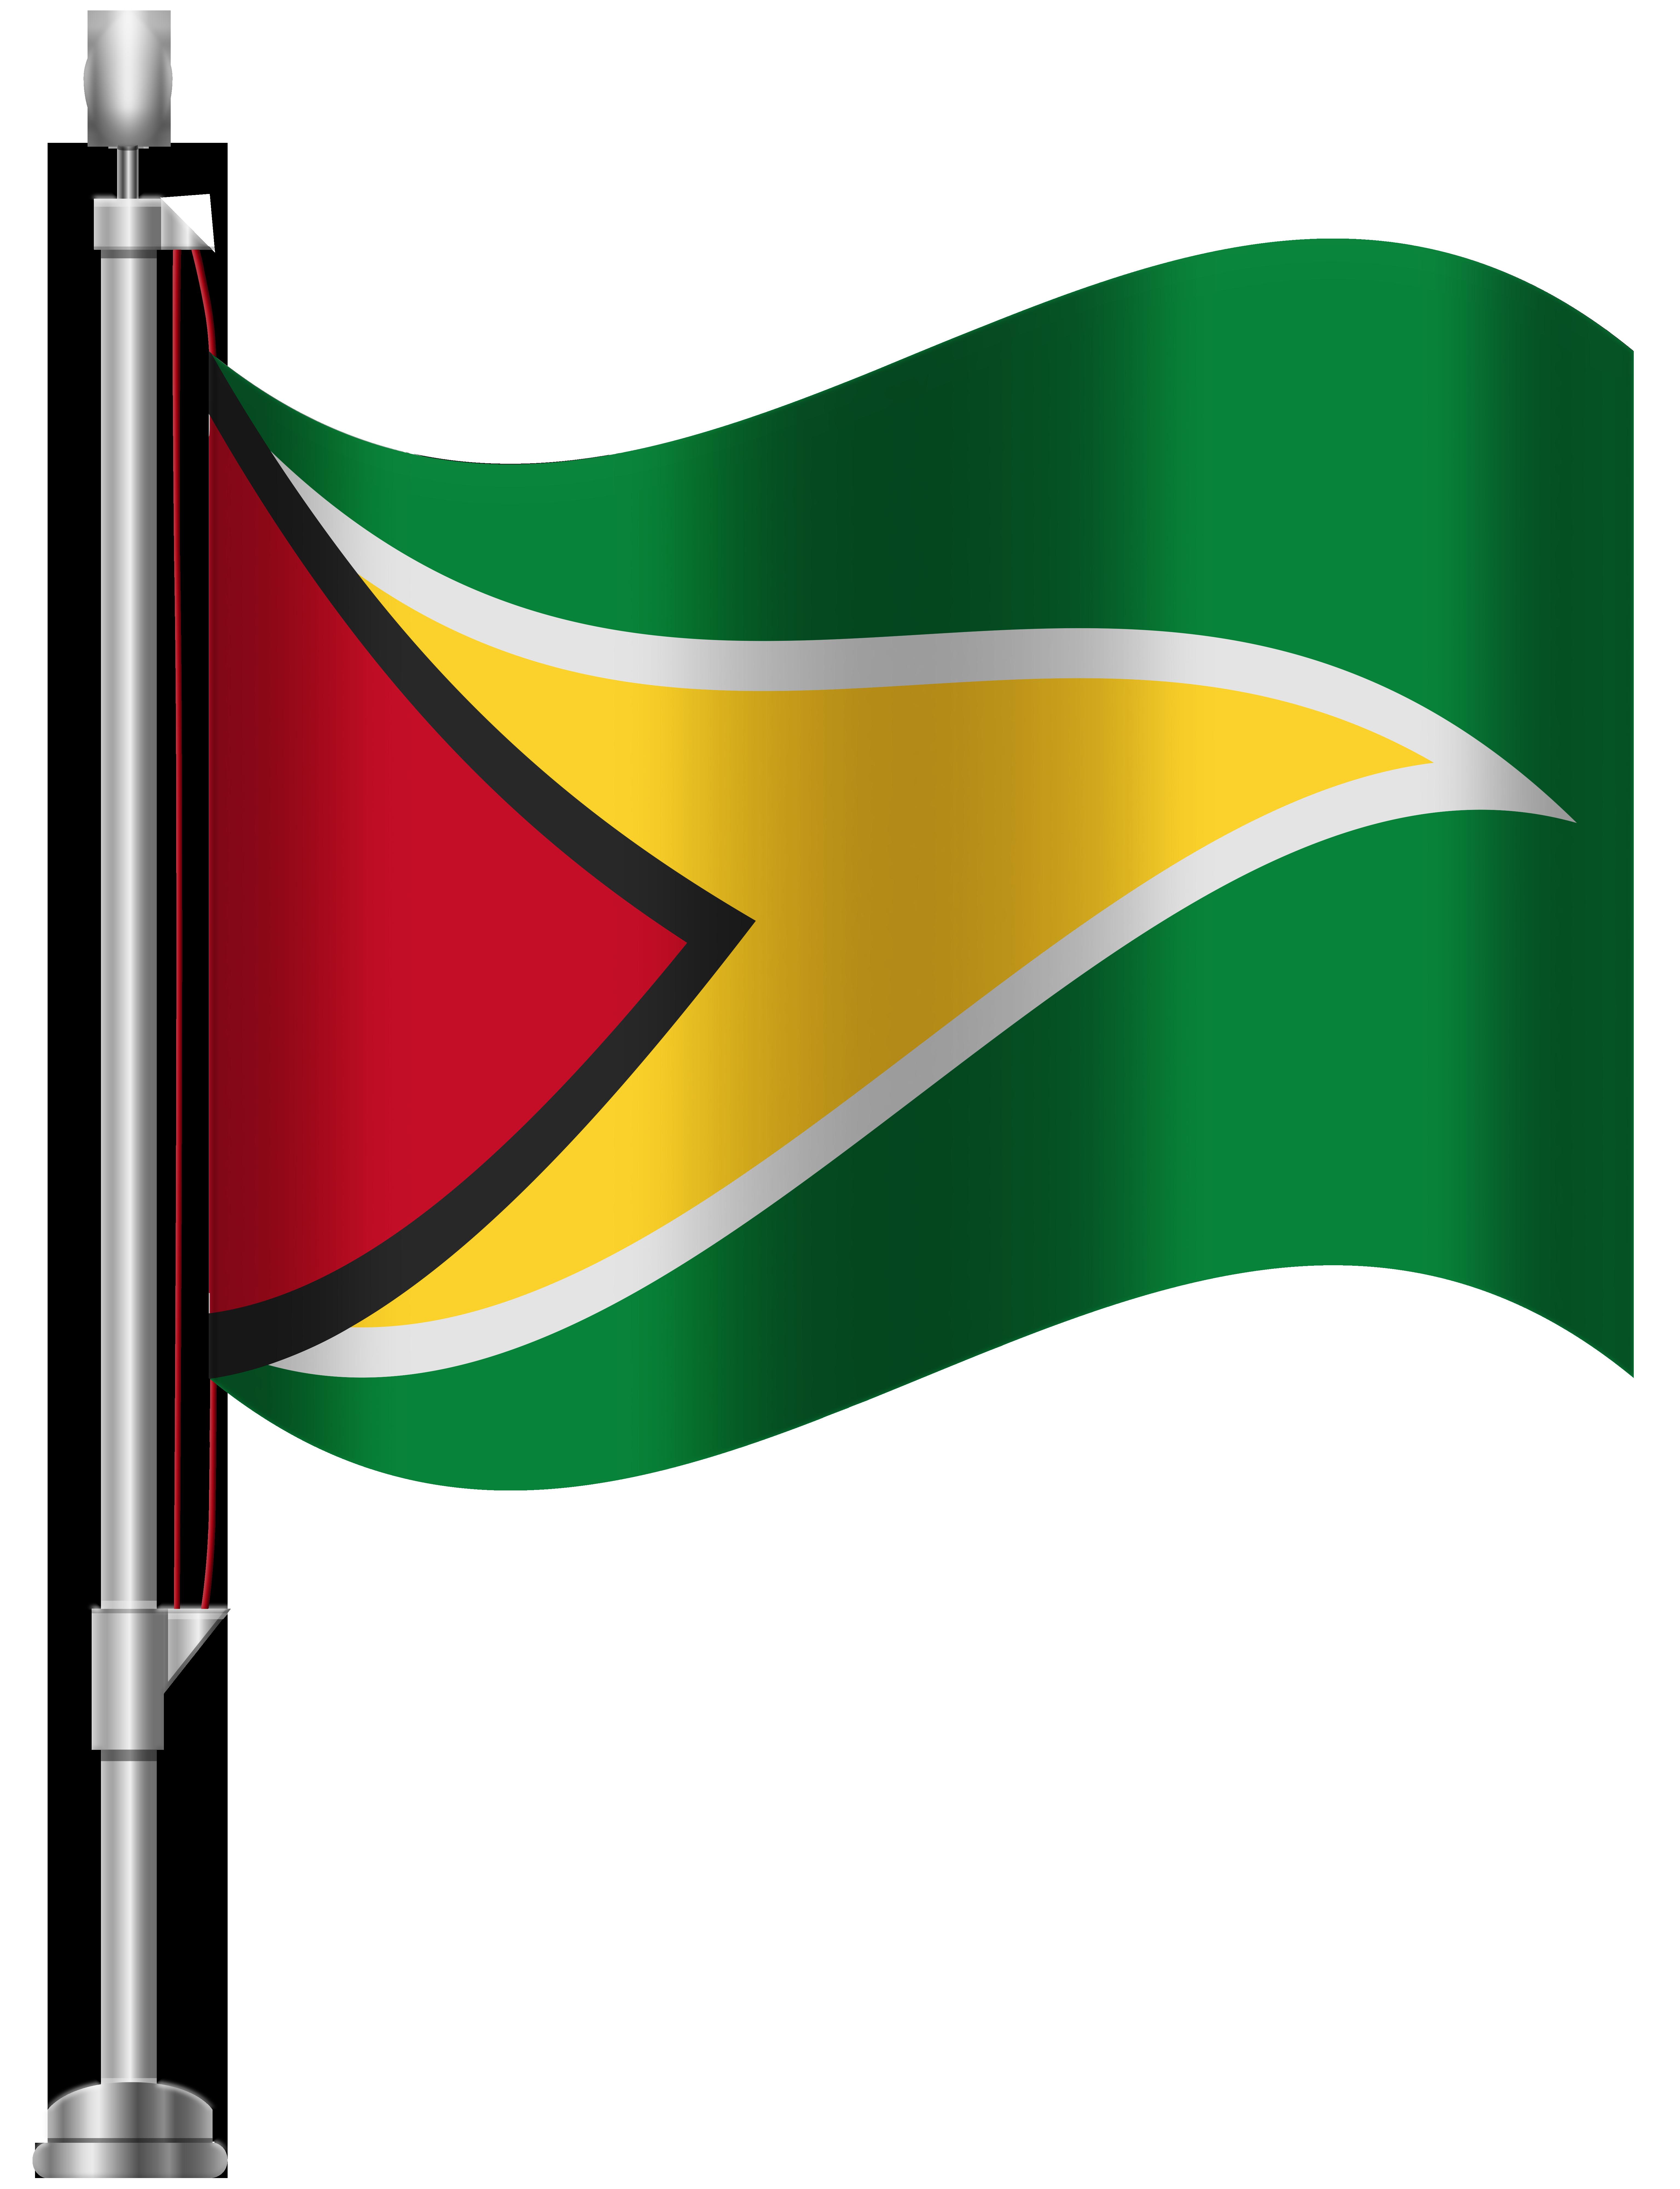 Flag clipart green. Guyana png clip art